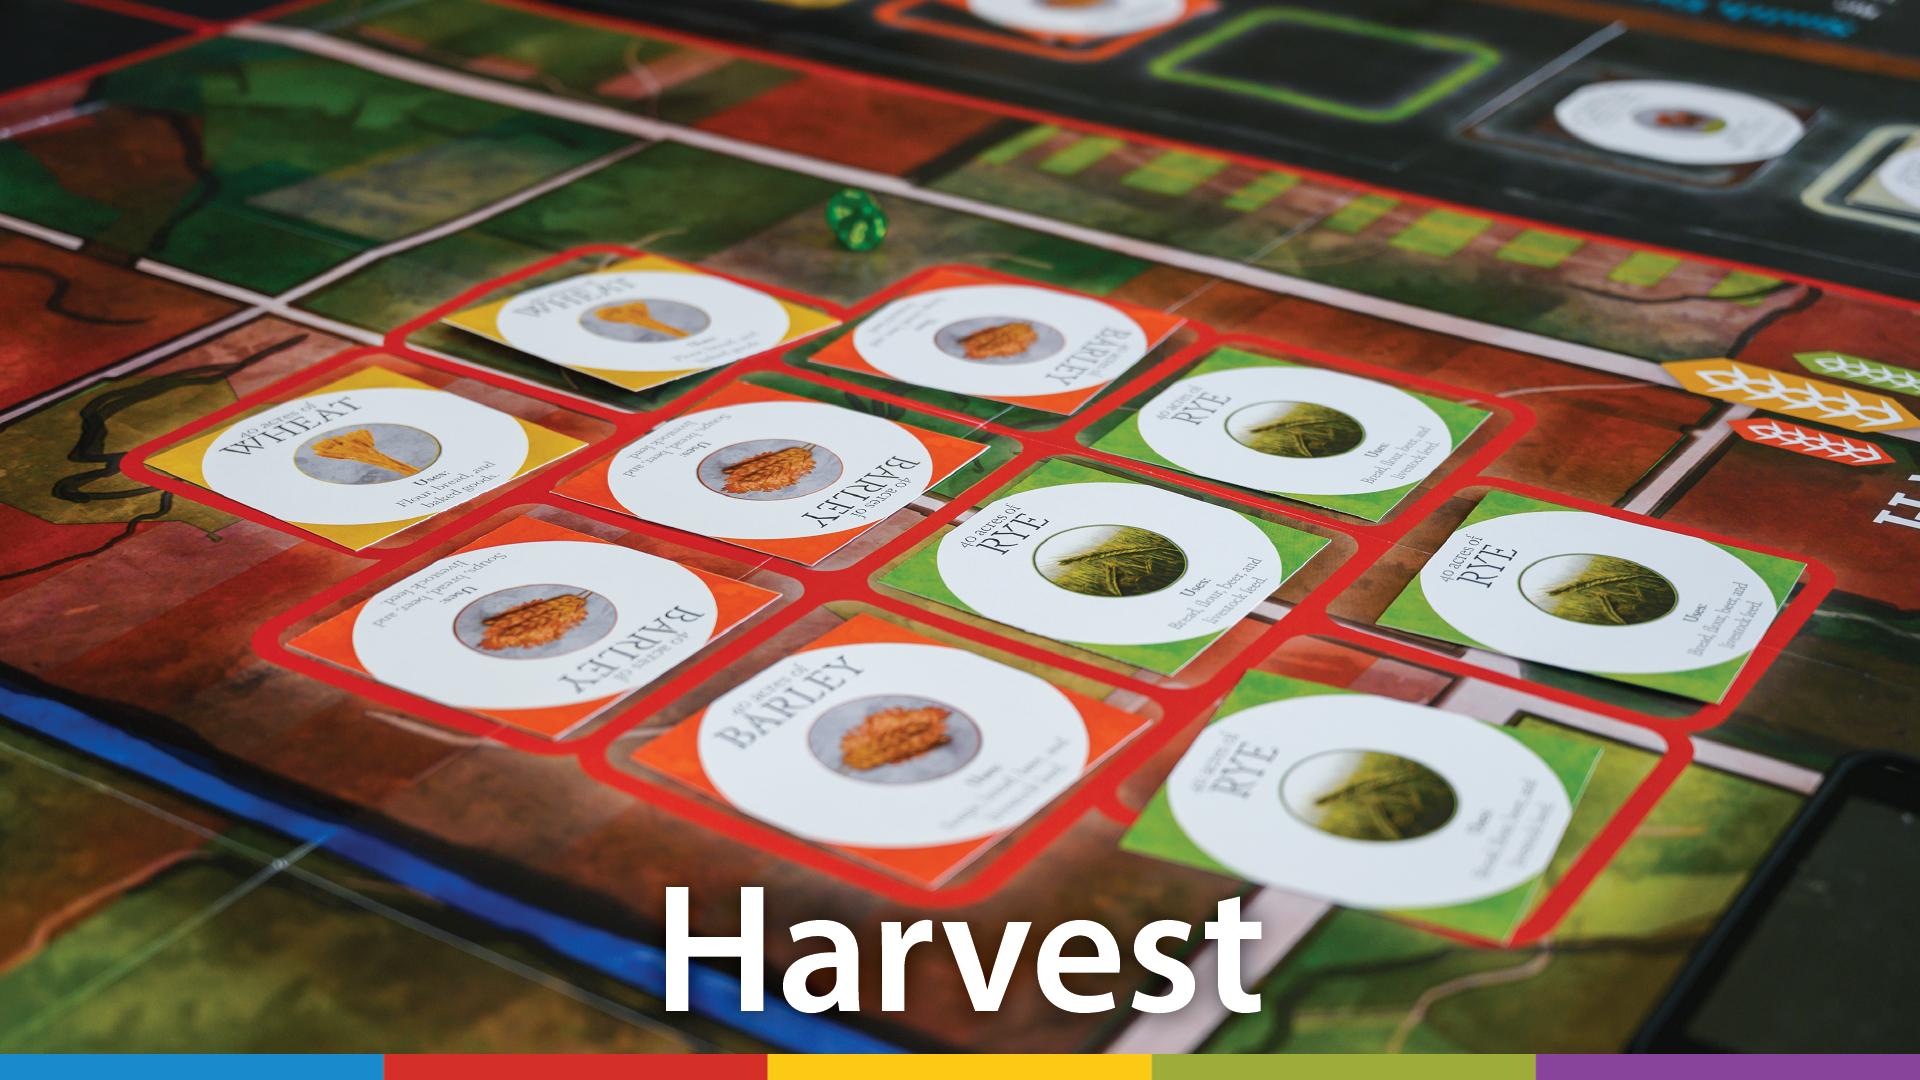 HarvestEventBanner-01.png